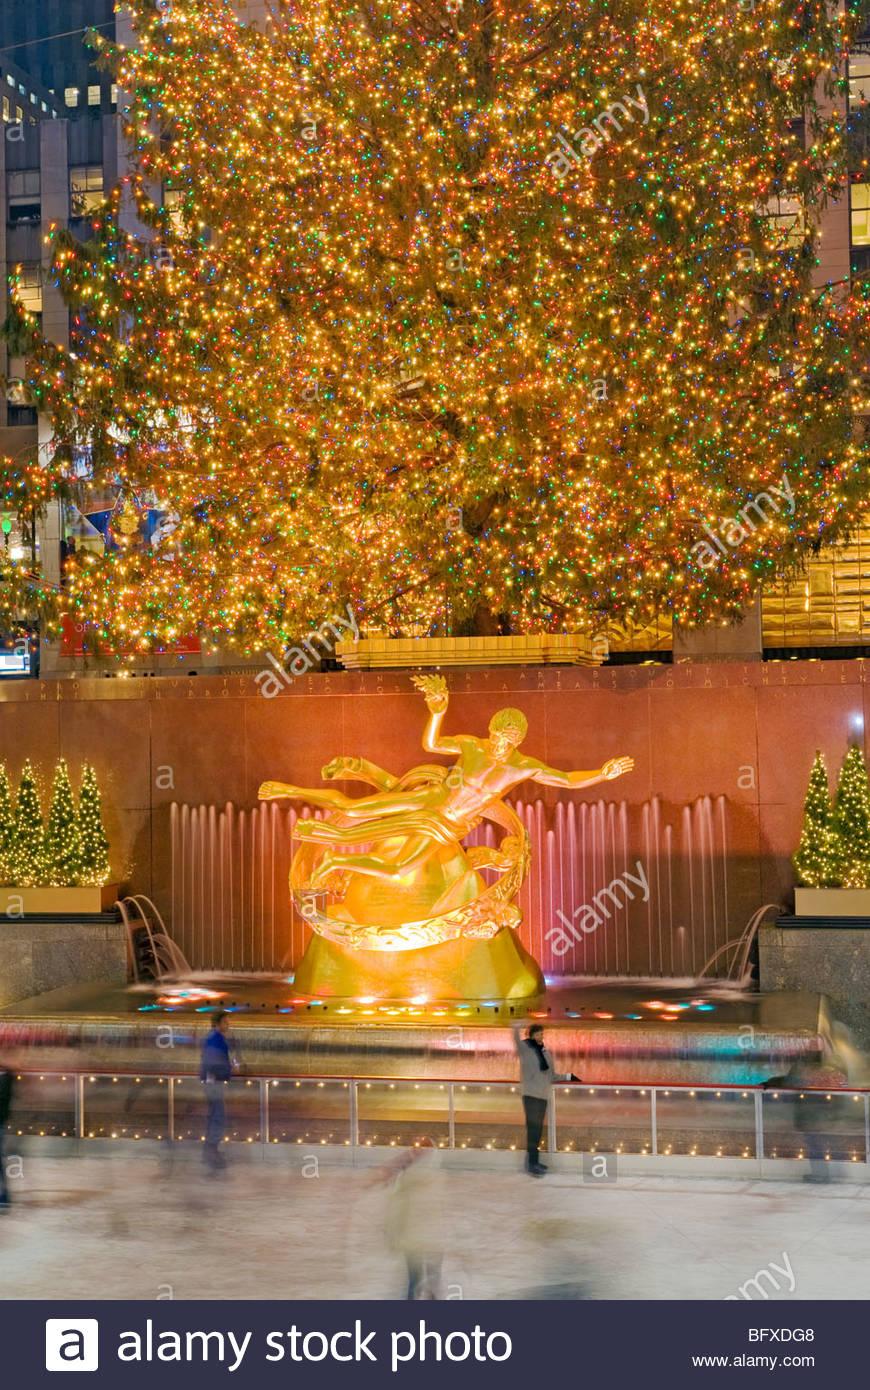 Weihnachten new york rockefeller plaza weihnachtsbaum und eislaufbahn stockfoto bild 27011608 - Weihnachtsbaum rockefeller center ...